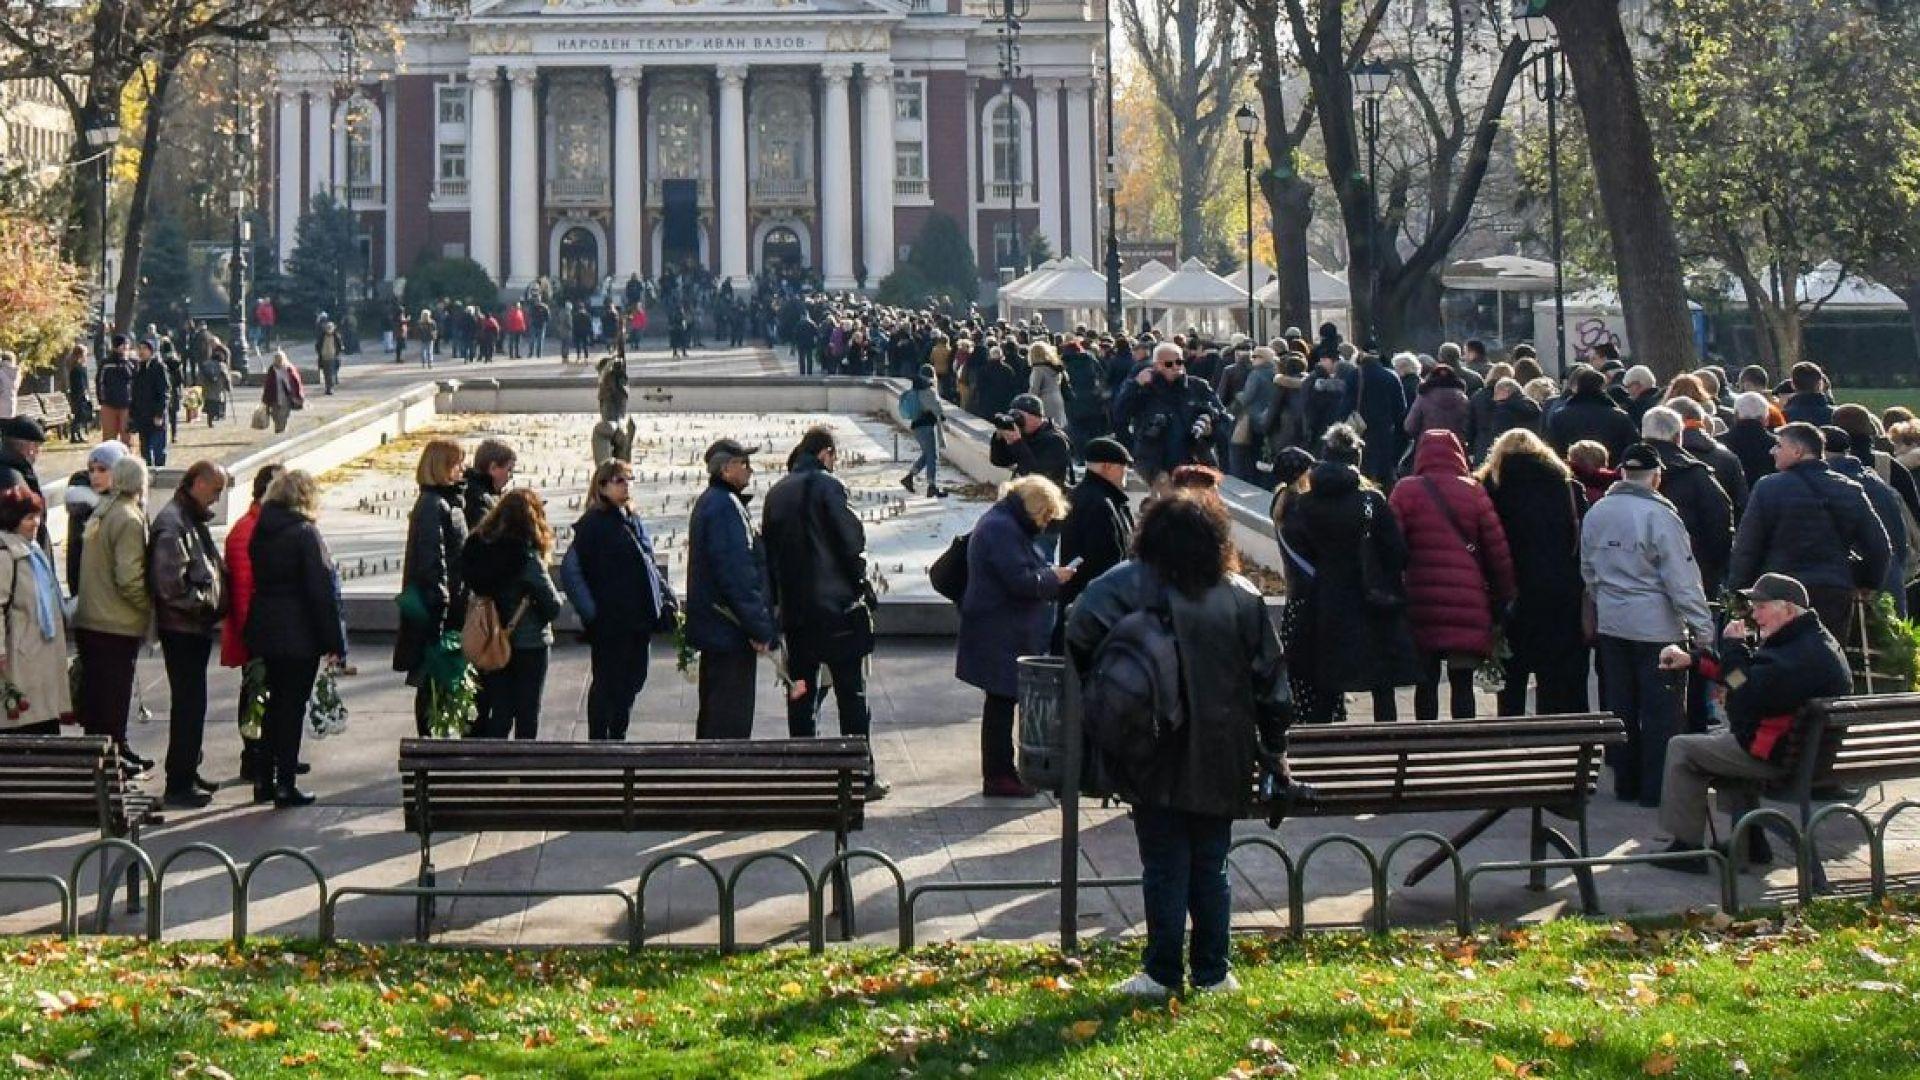 Опашка от опечалени се изви пред Народния театър за последно сбогом със Стефан Данаилов (снимки)